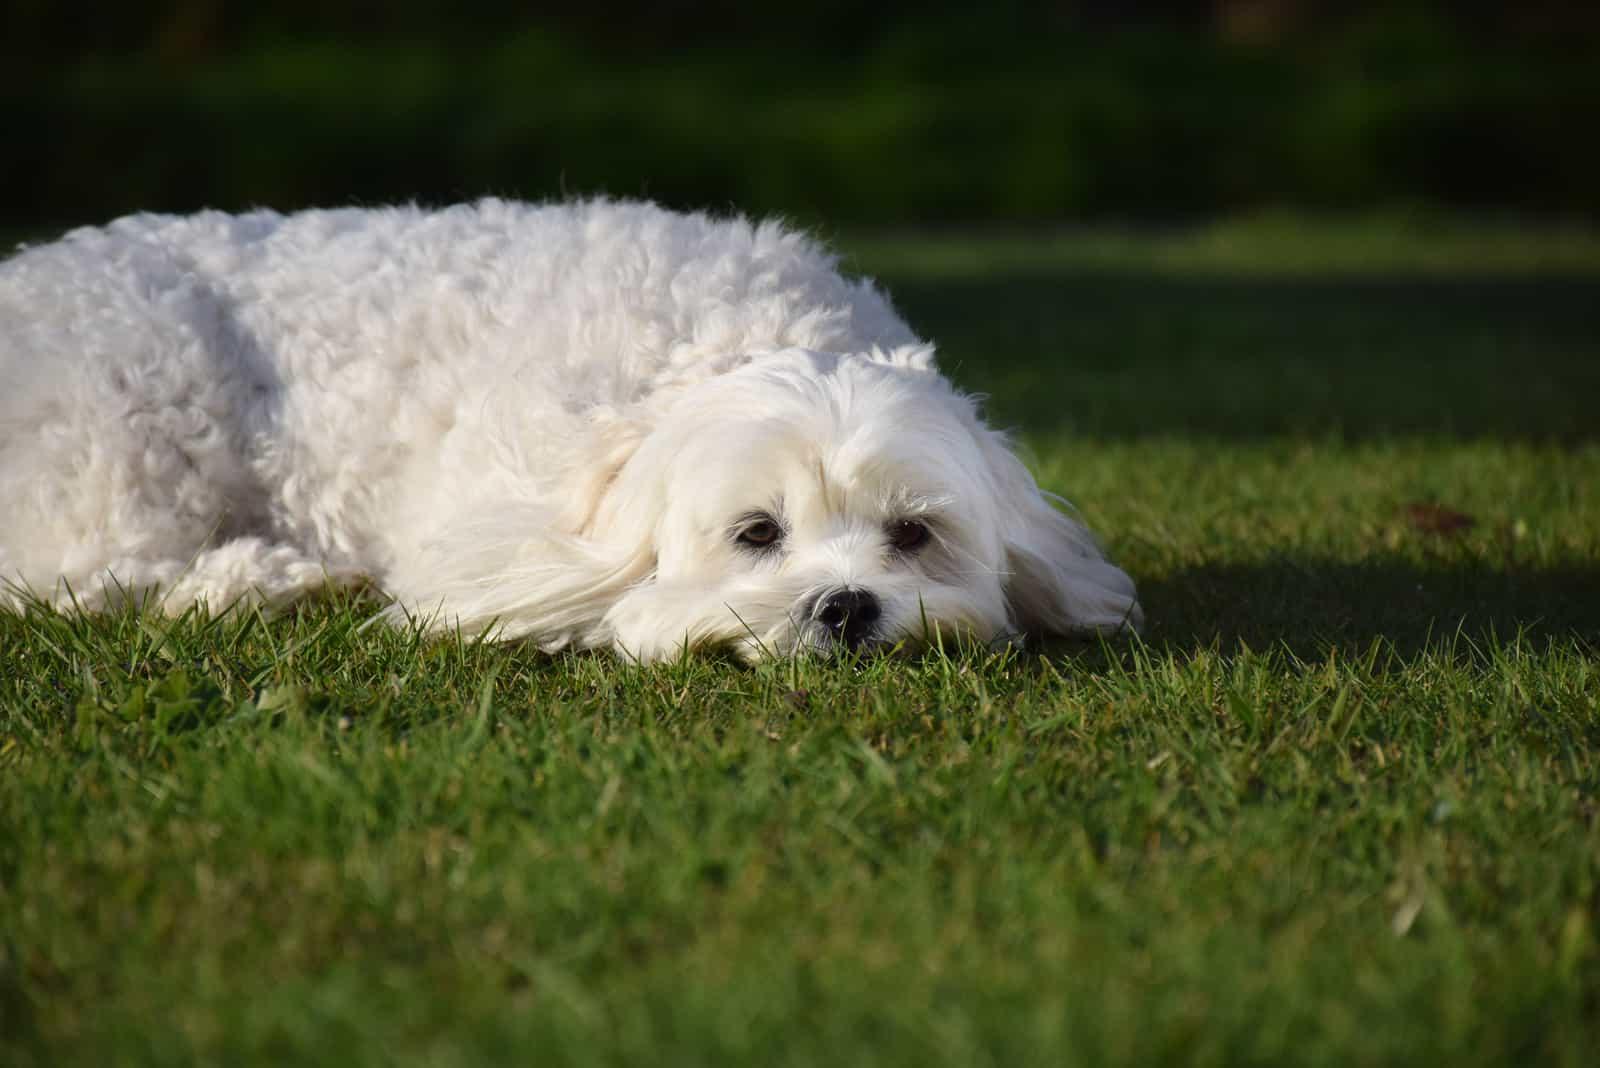 Netter weißer Bichon Frise Hund, der im grünen Gras liegt